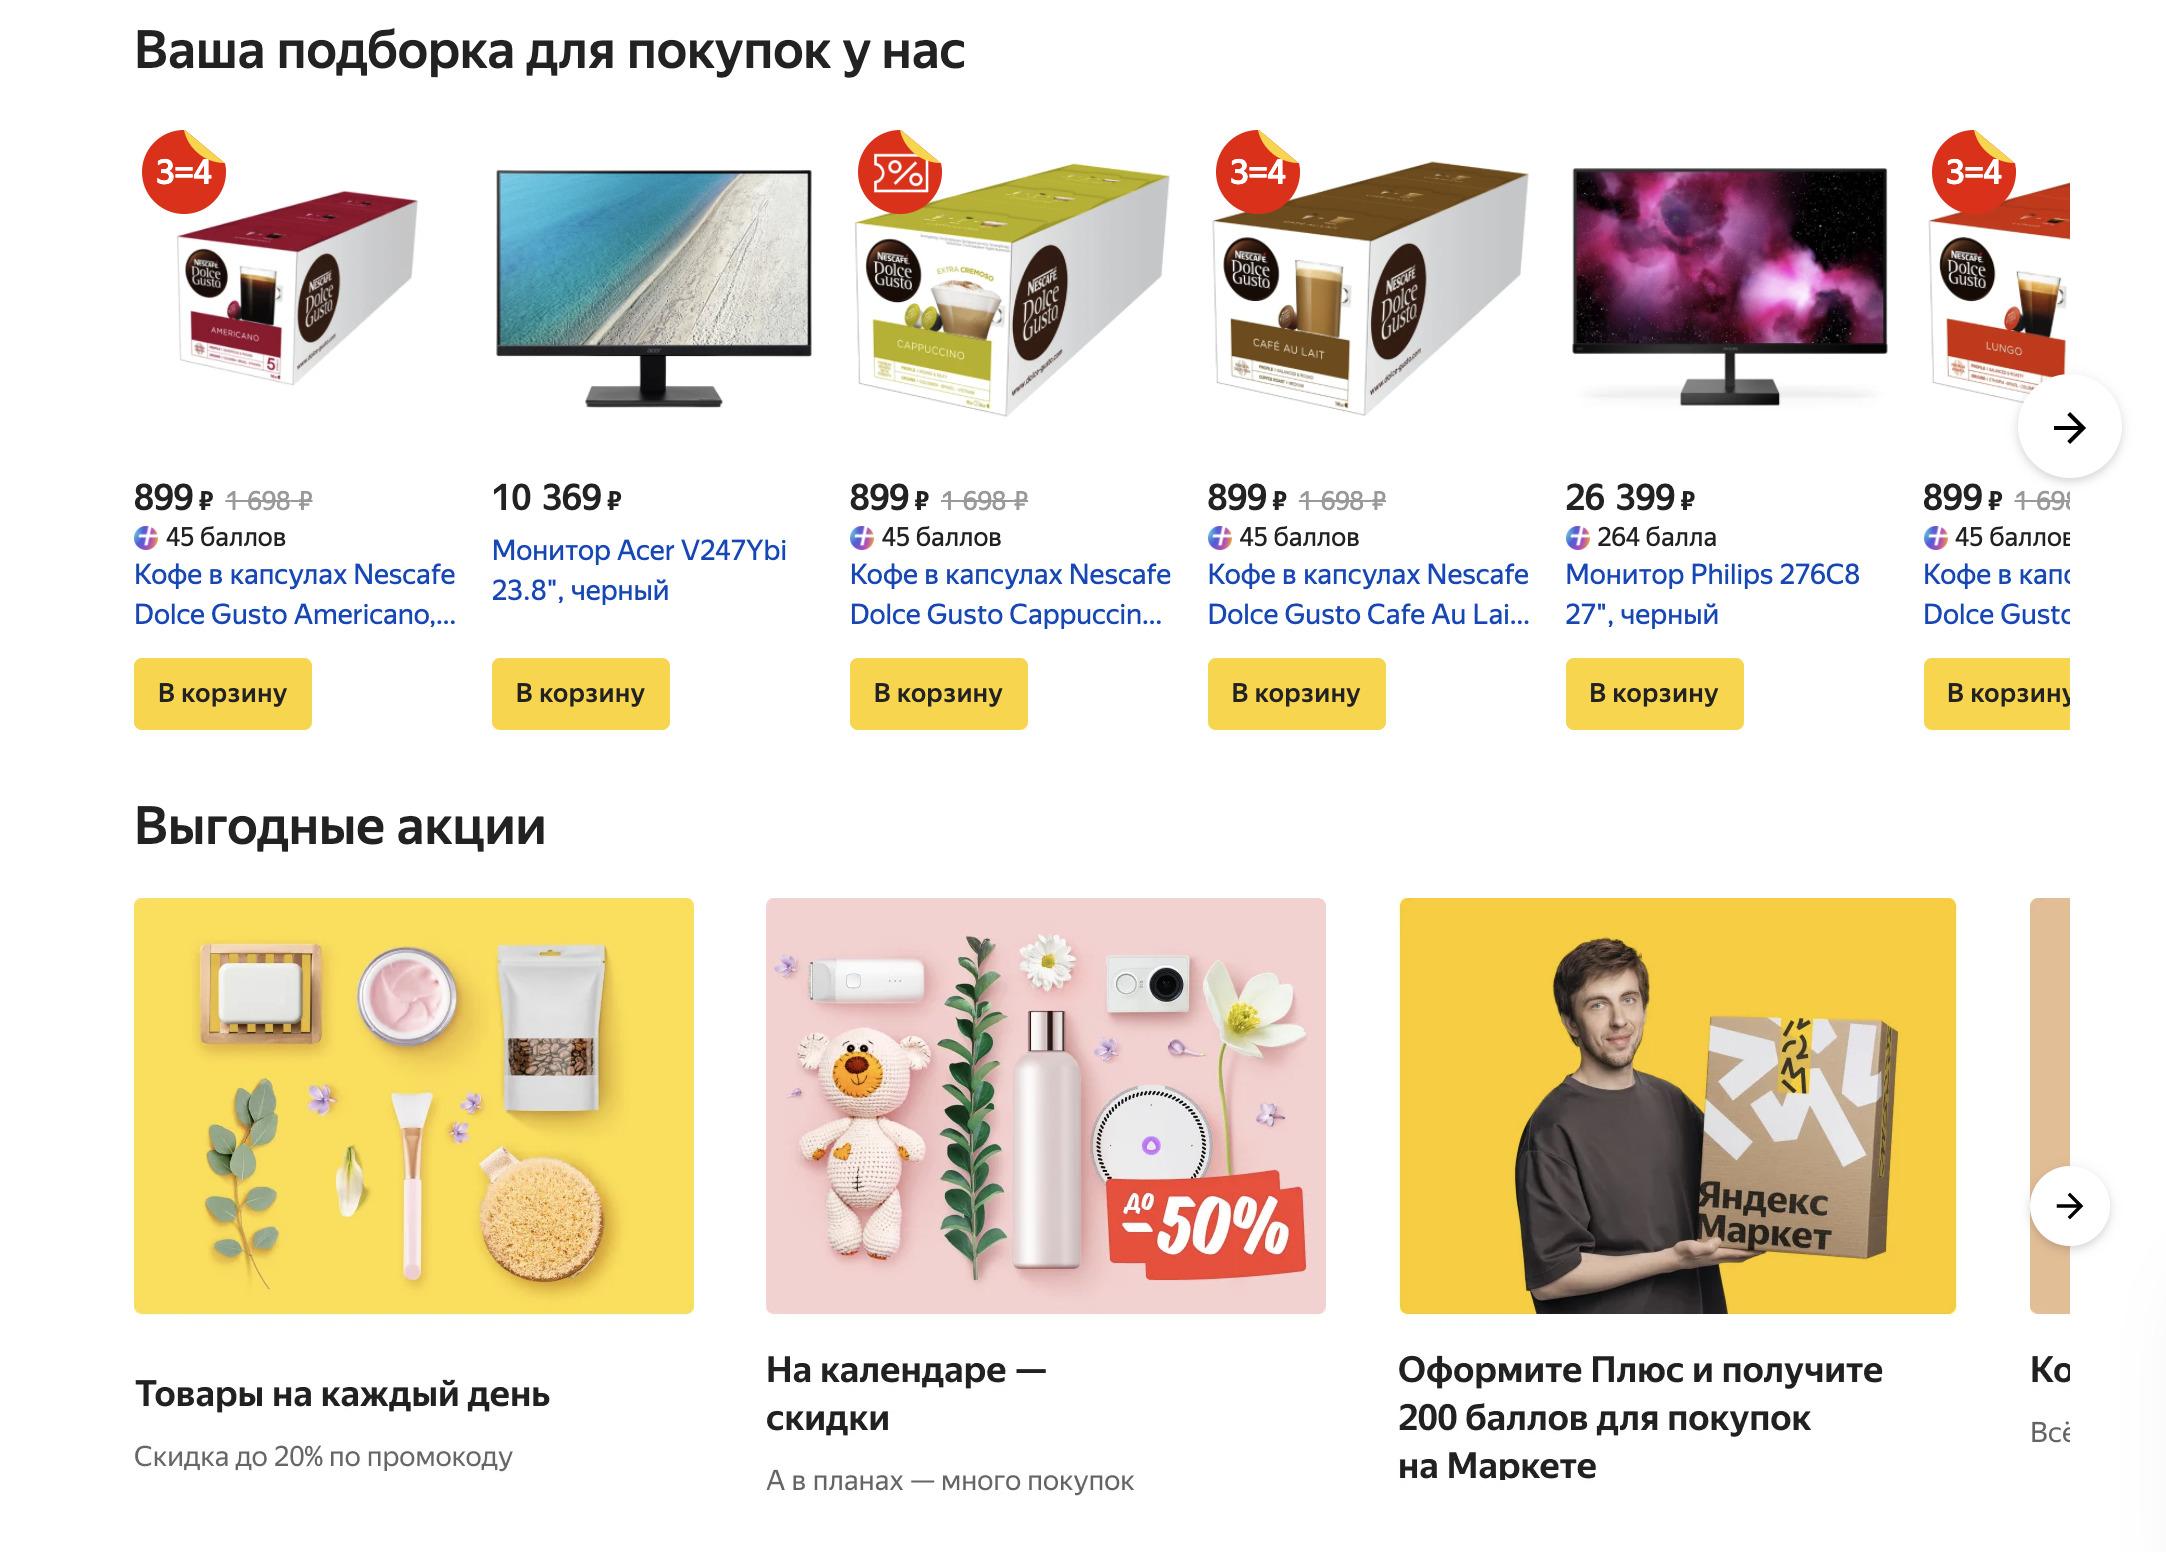 Доставка из Яндекс.Маркет в Дмитров, сроки, пункты выдачи, каталог